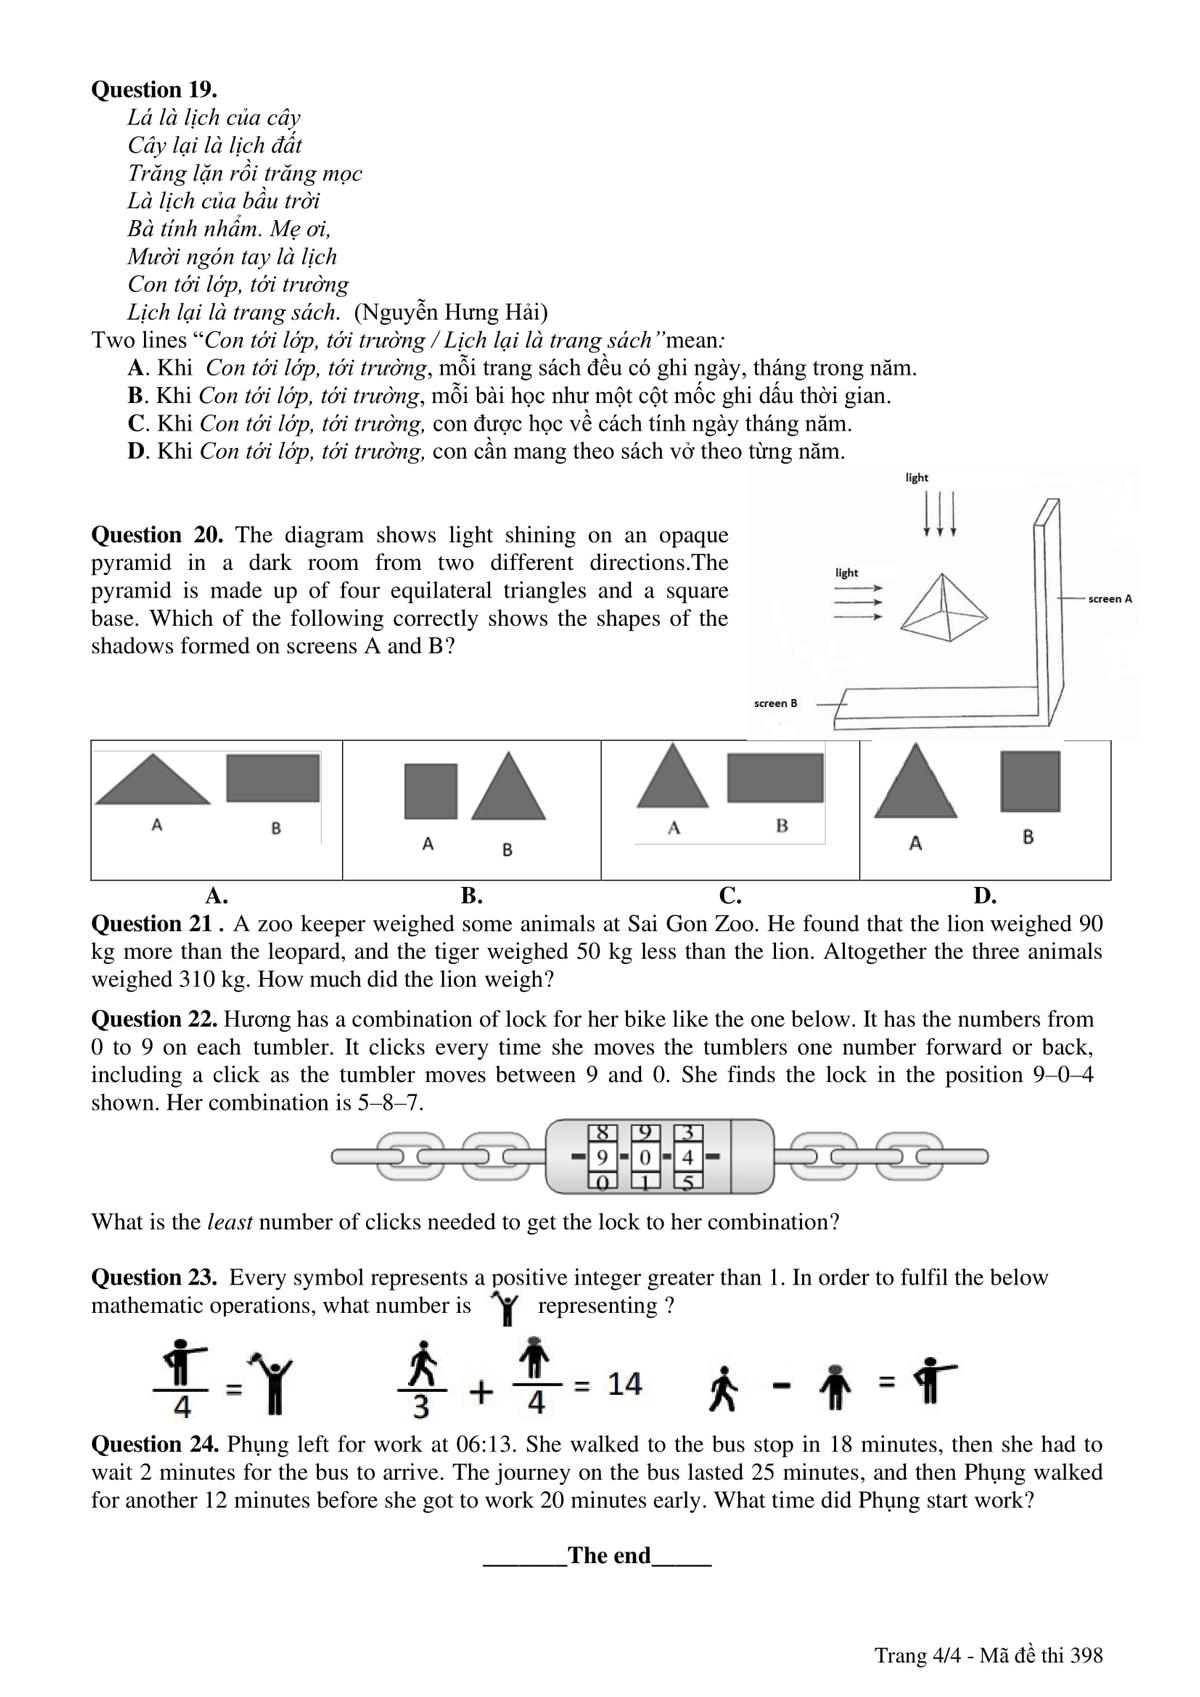 Đề và đáp án bài thi vào lớp 6 trường THPT chuyên Trần Đại Nghĩa - 3